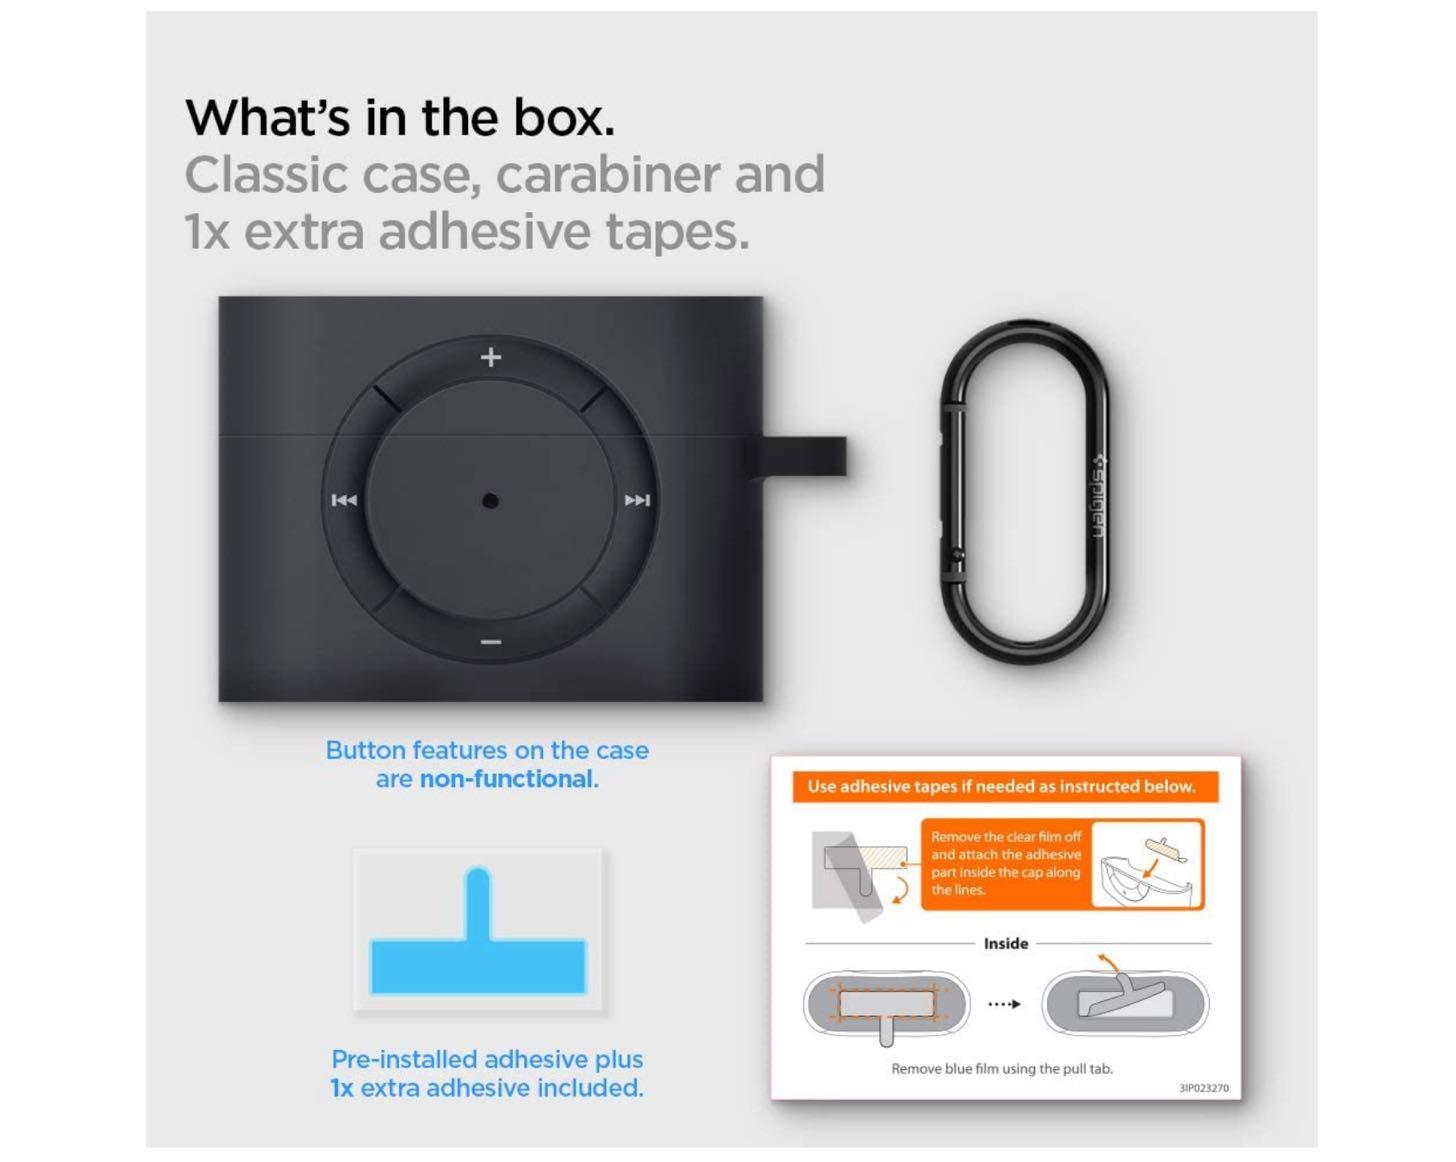 Apple AirPods Pro ケース カバー iPod shuffle 完全再現 カラビナ リング 付き シリコン 収納ケース−7